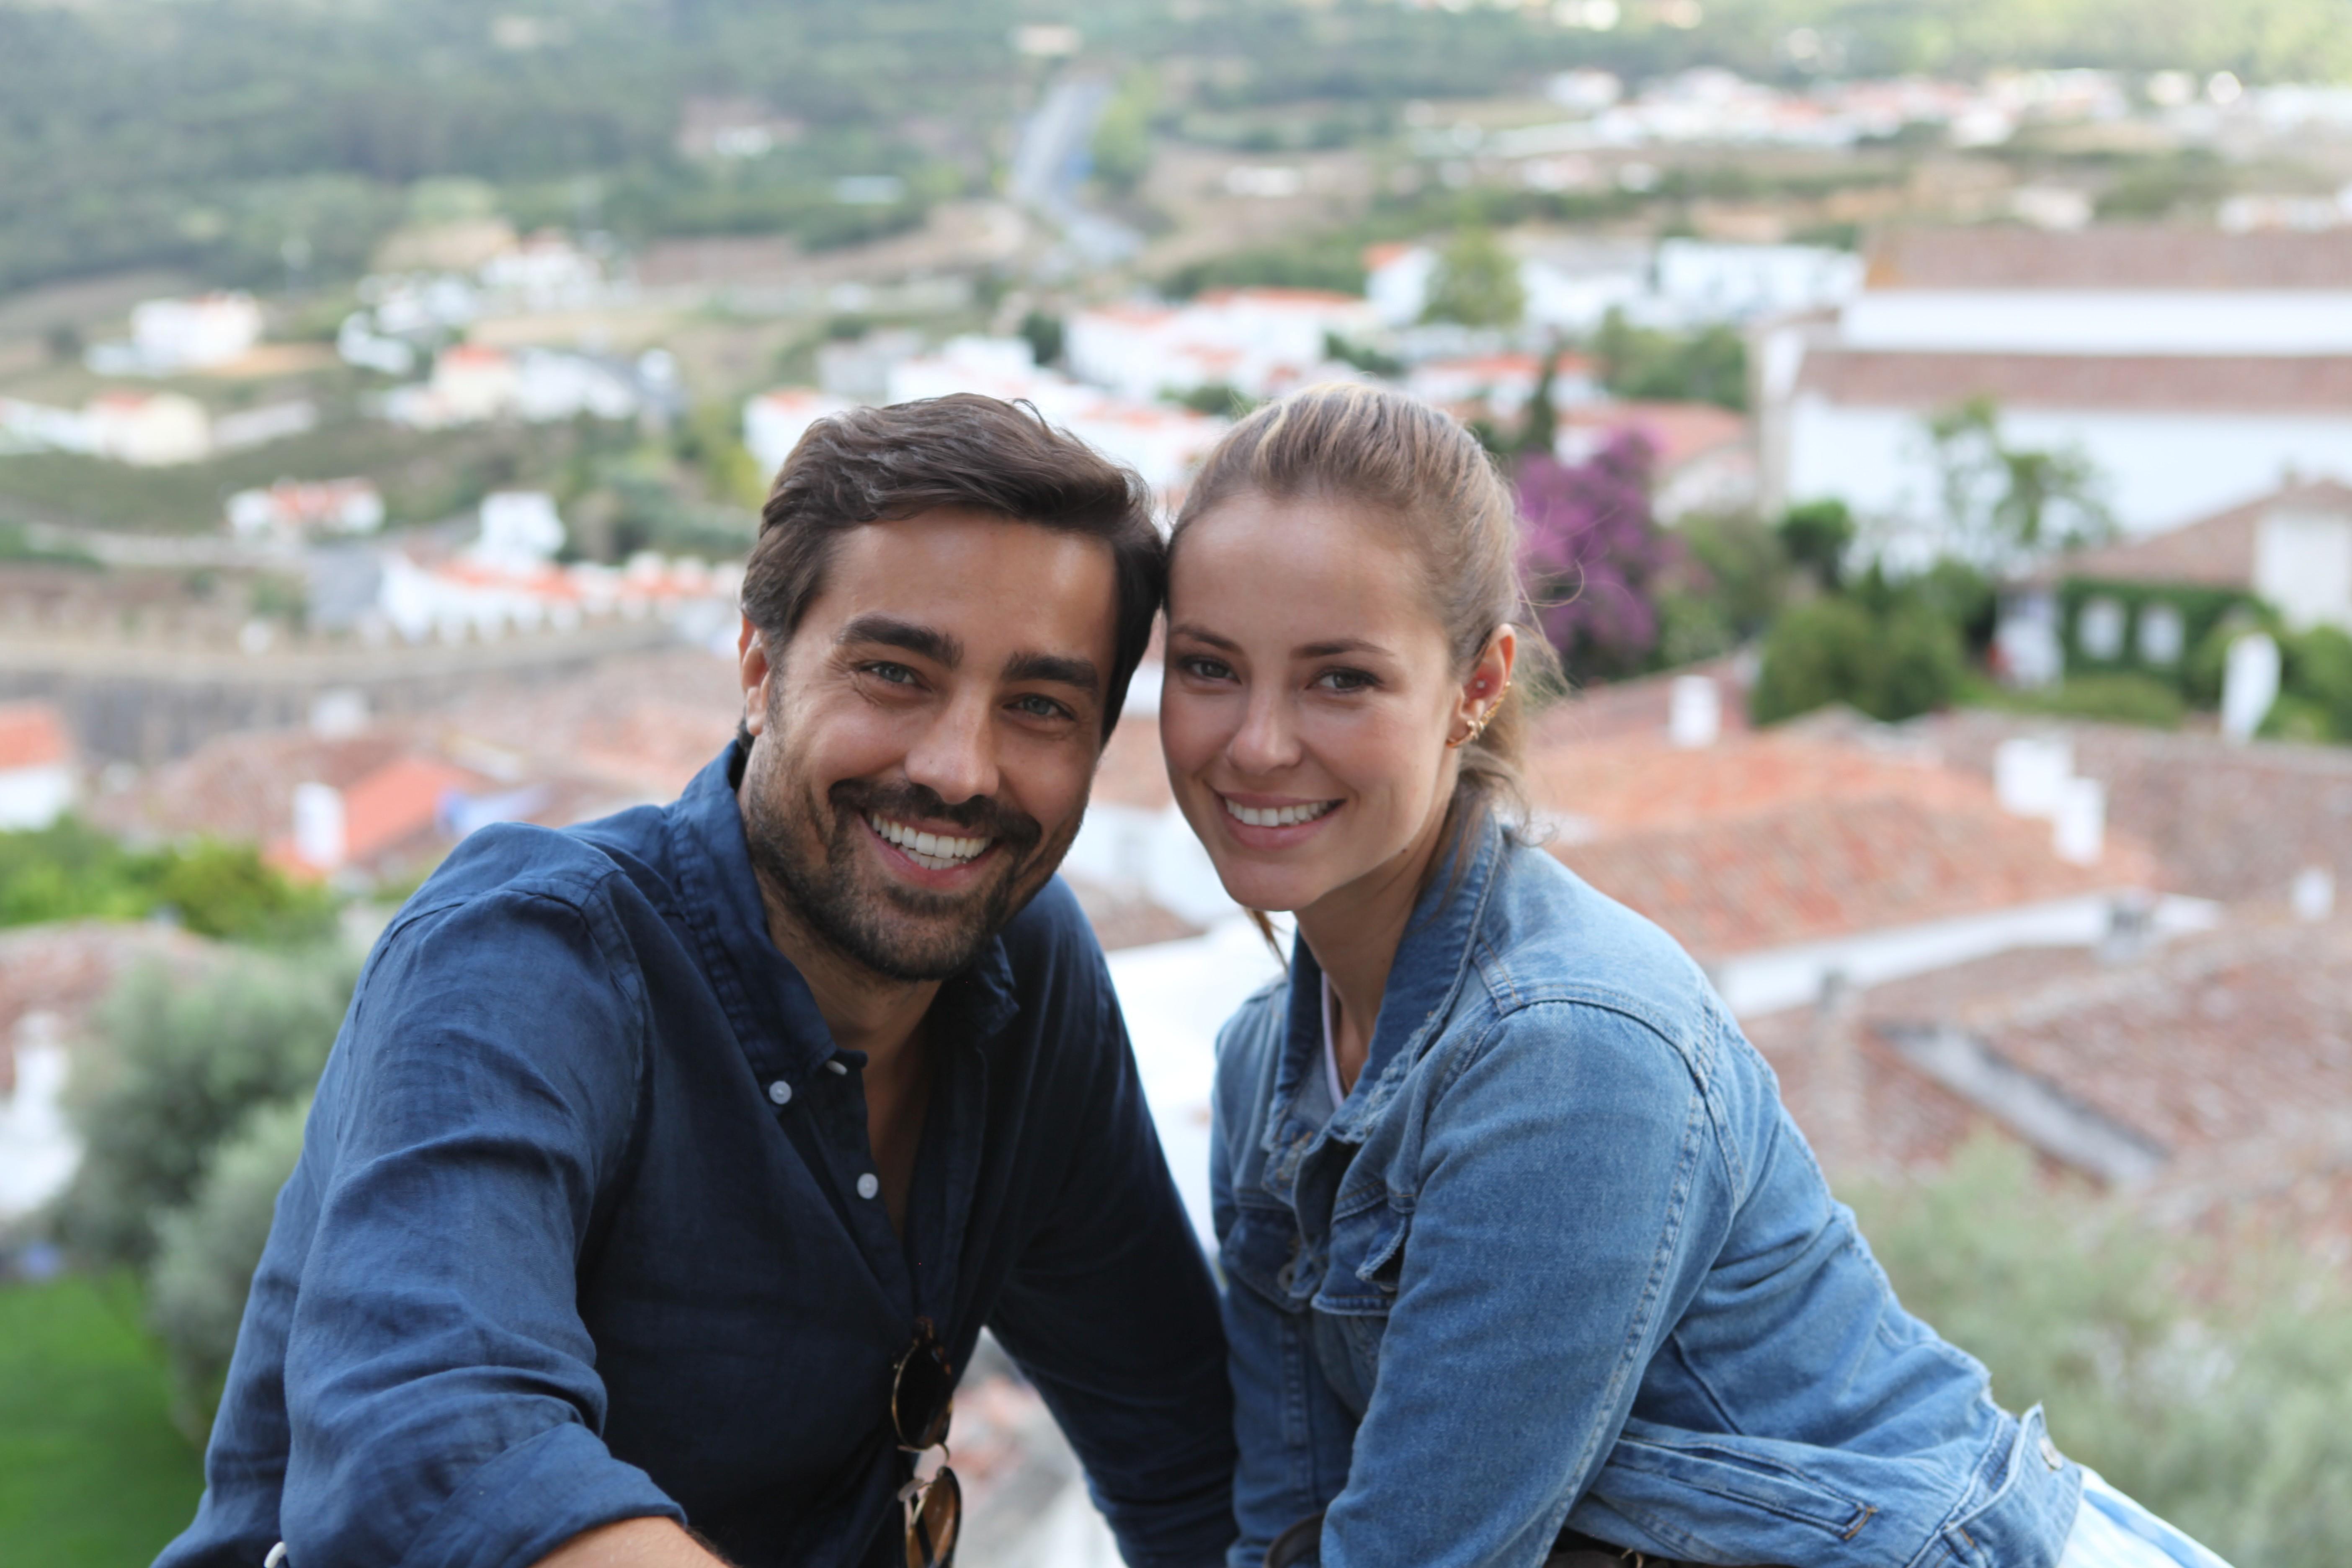 Paolla Oliveira e Ricardo Pereira tentam aproximar Brasil e Portugal em comédia romântica com 'quê de novela'